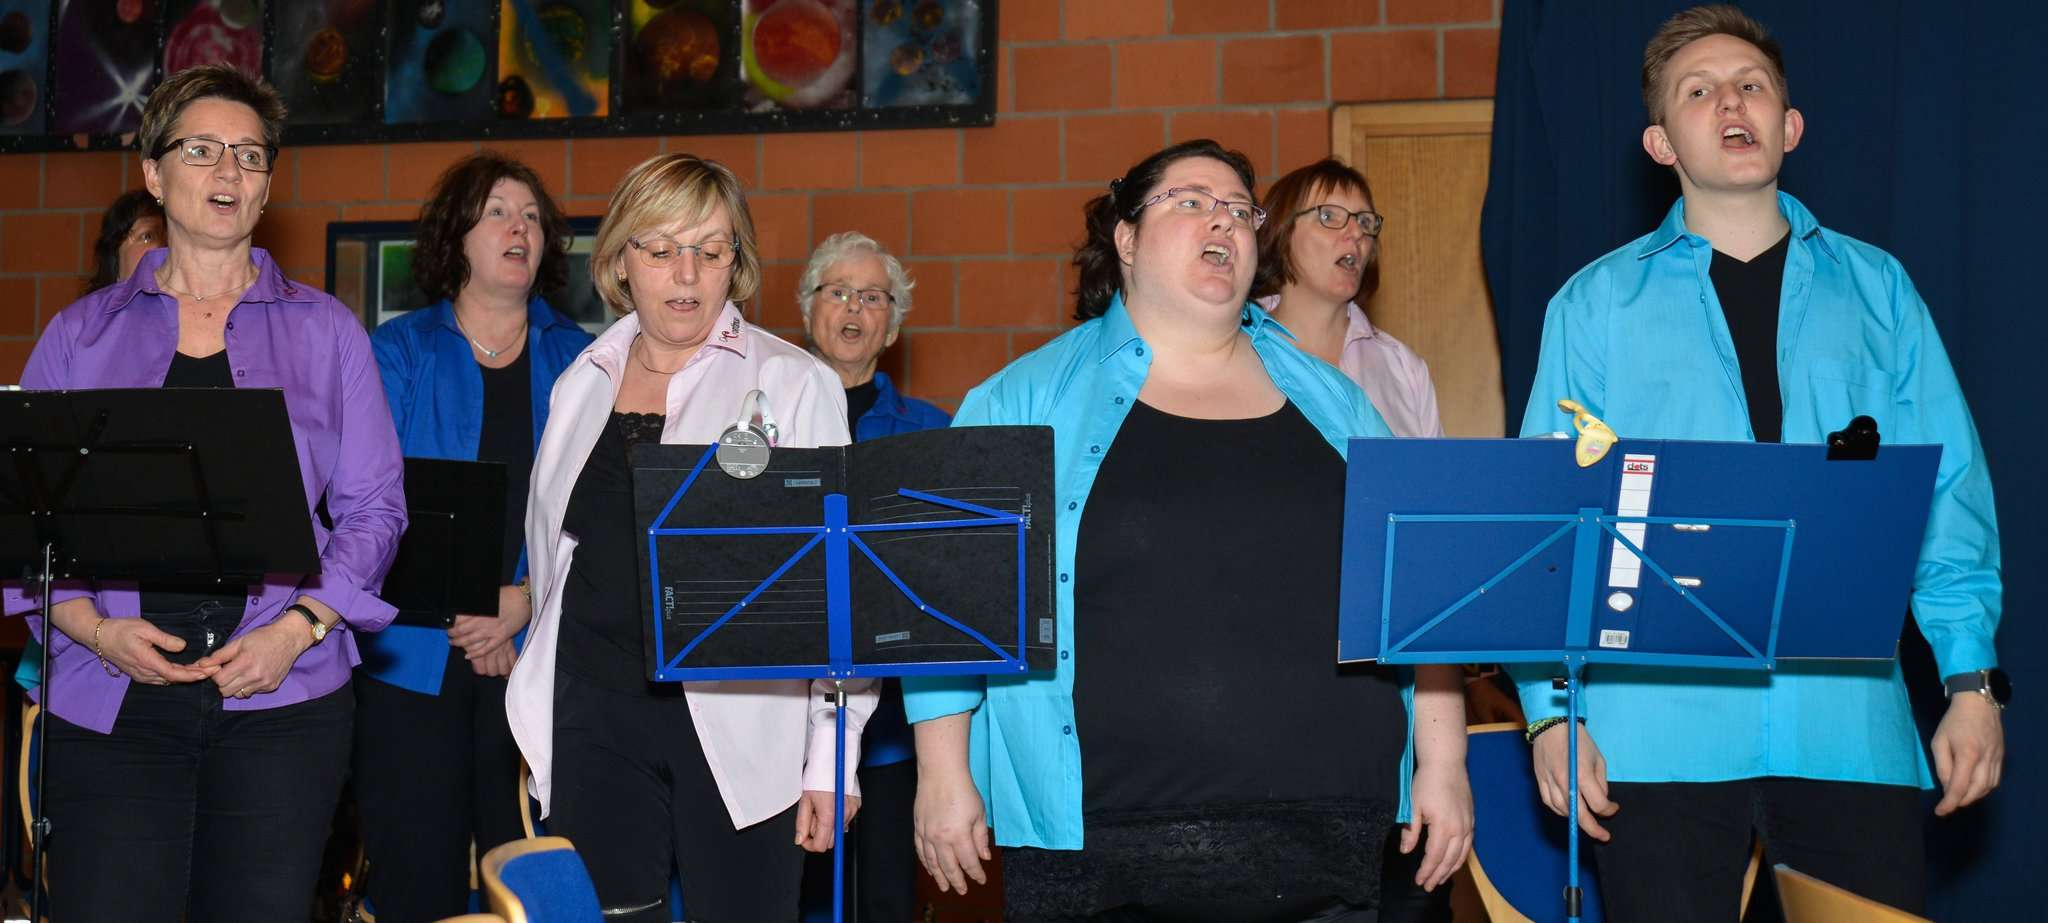 Der Chor Continuo unterstützt die Lauenbrücker bei Gesangseinlagen.